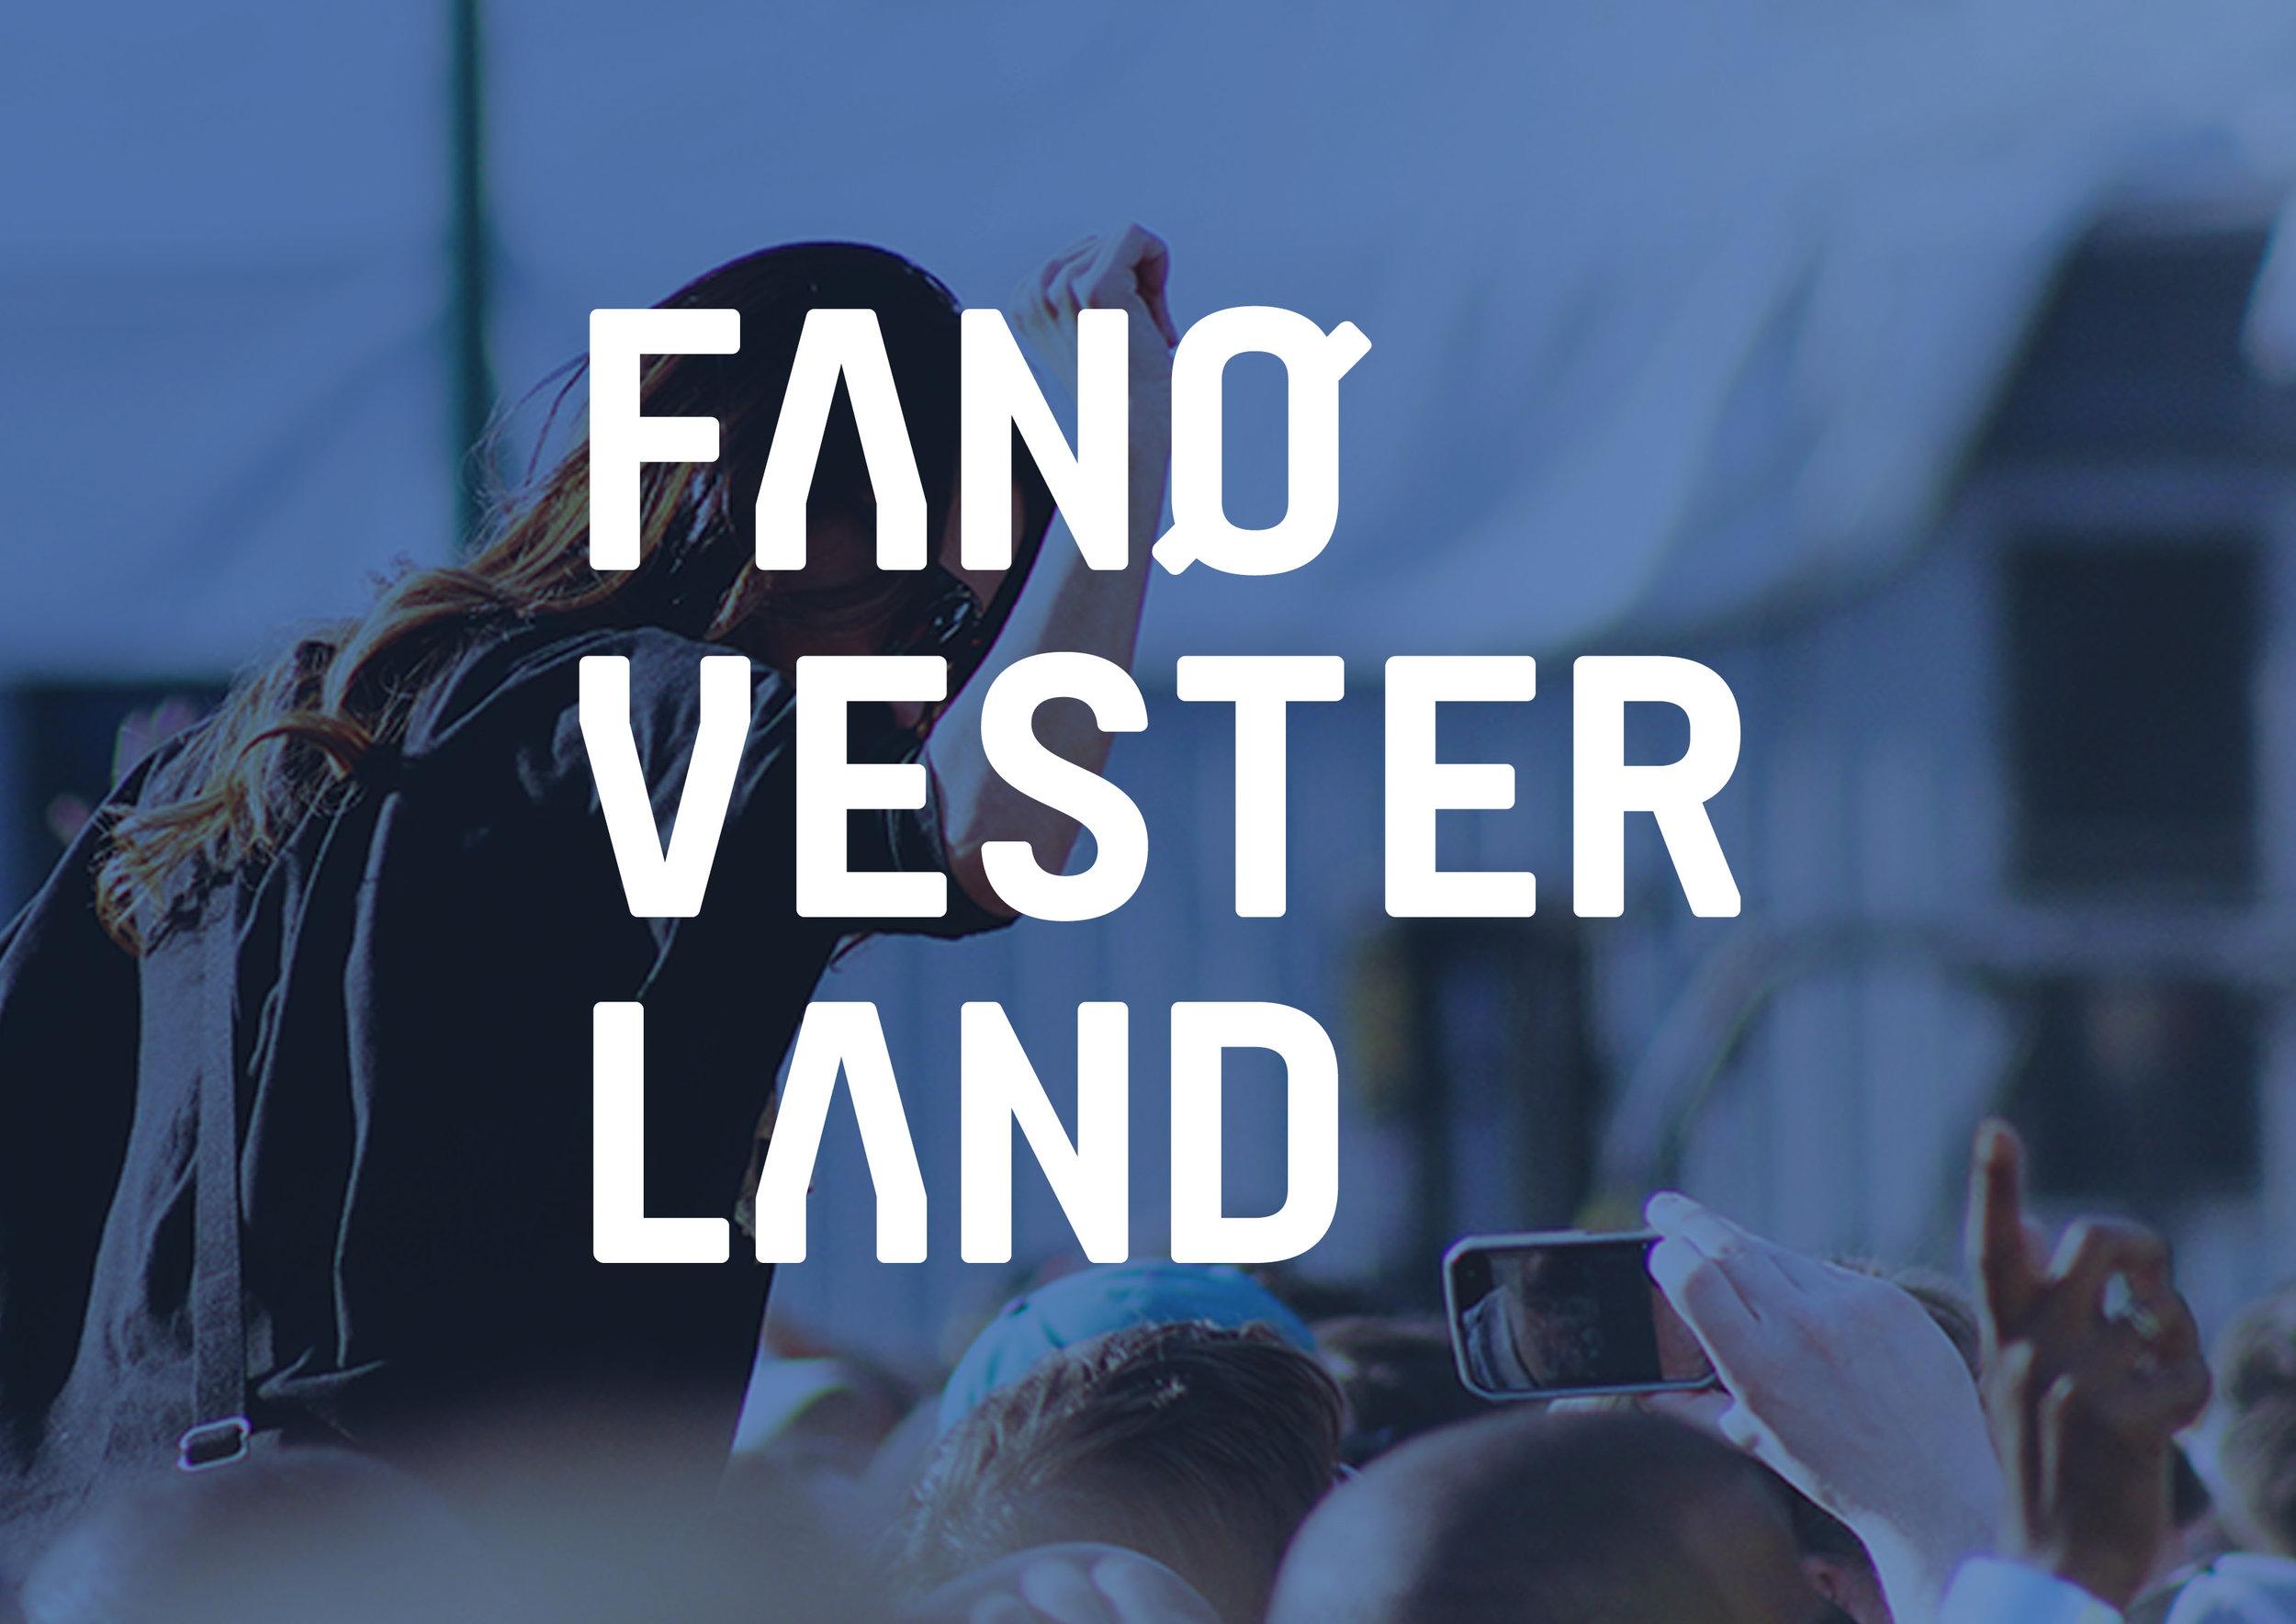 FanoVesterland_01.jpg